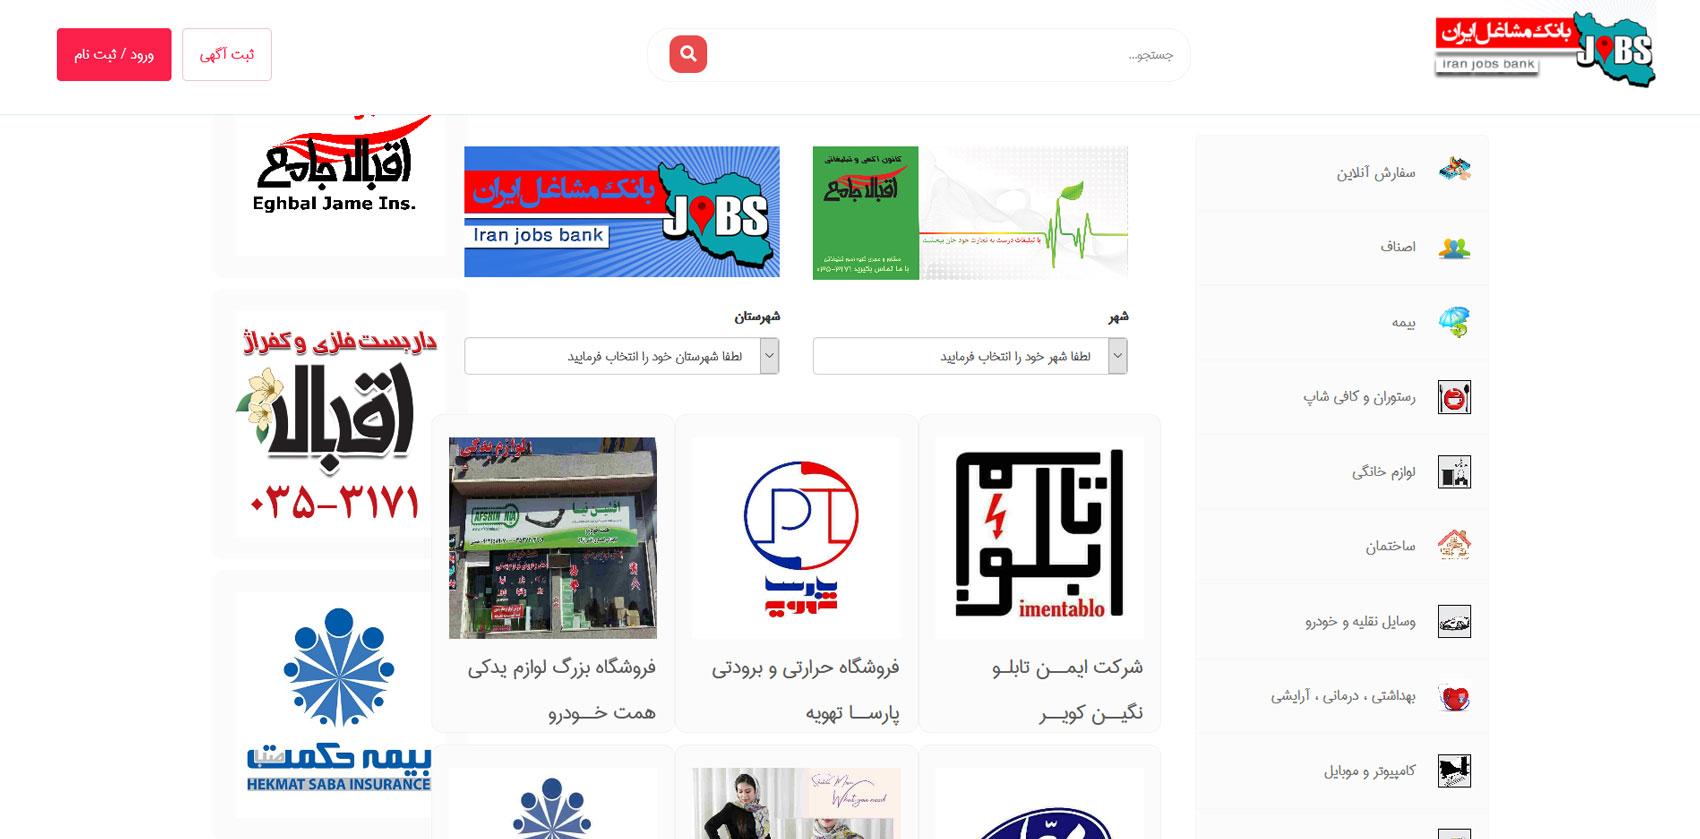 iranjobsbank.com